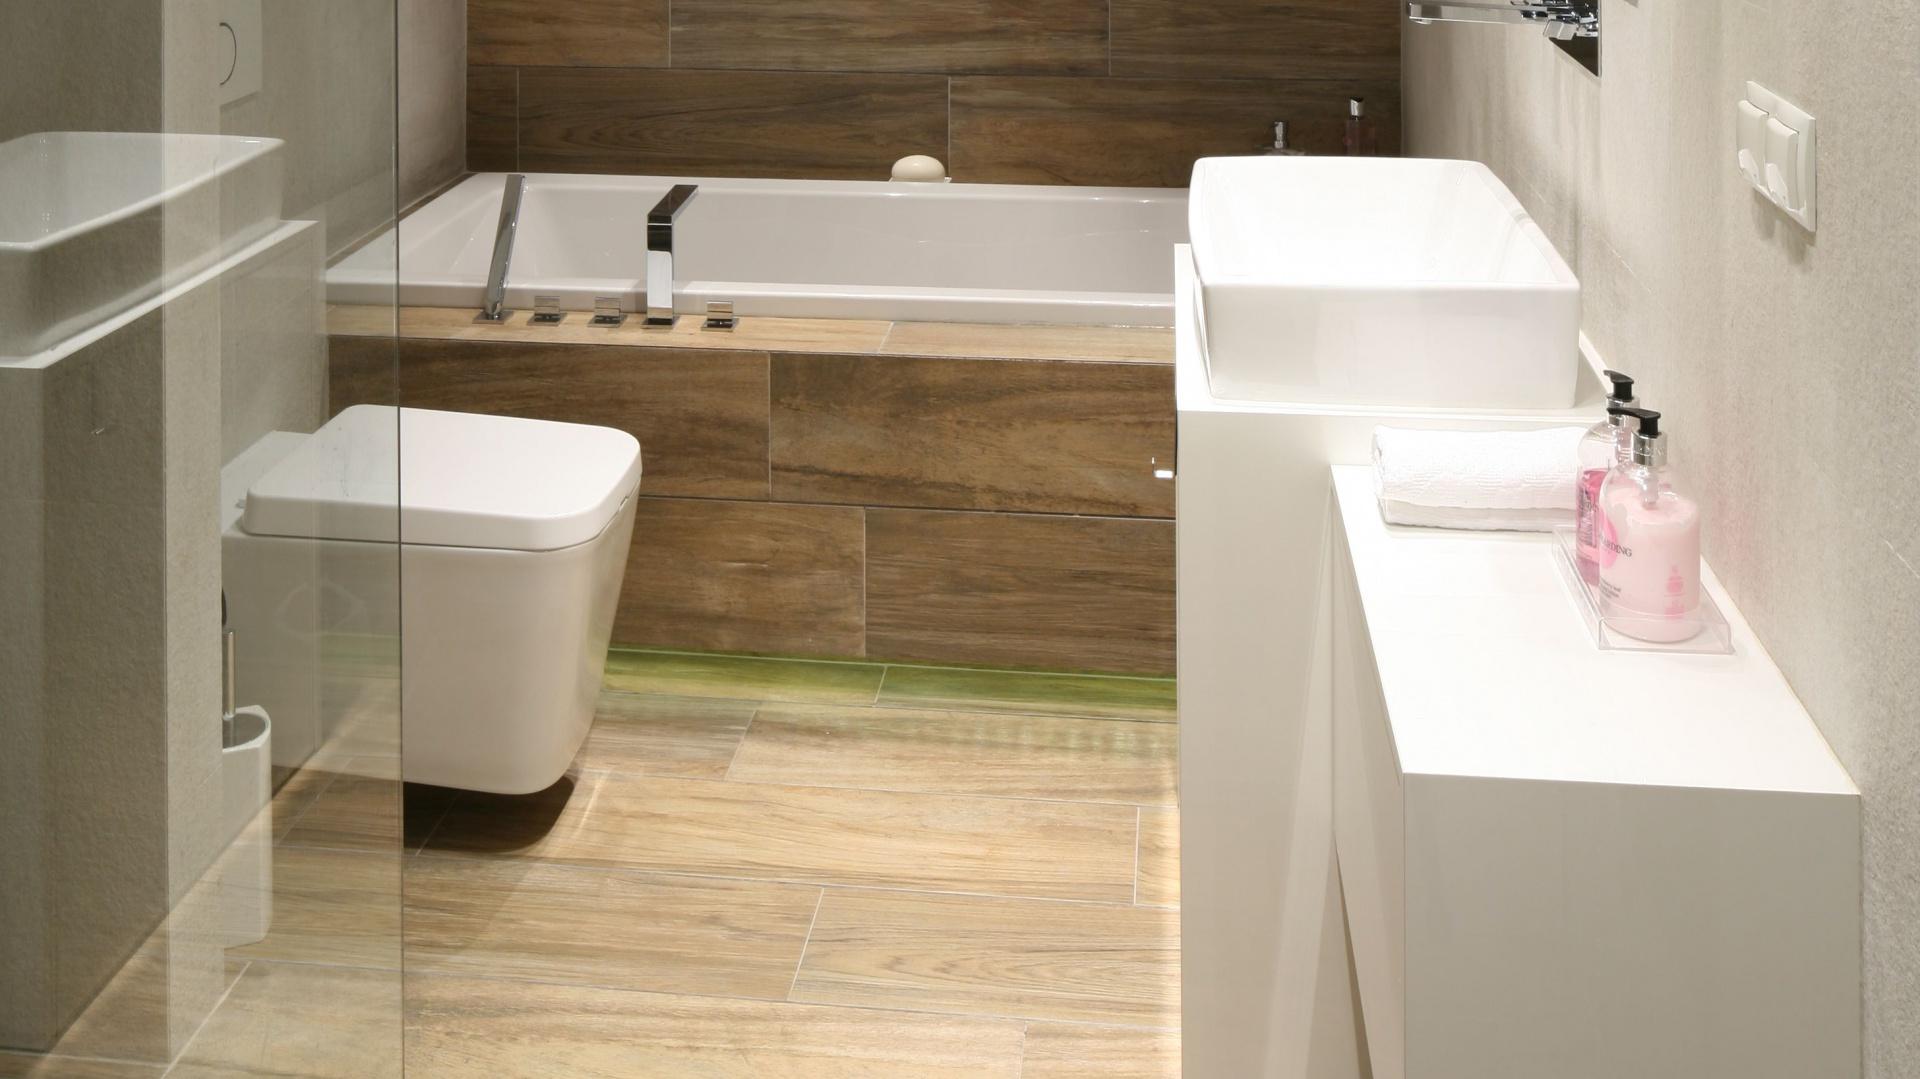 Łazienka jest nowoczesna i przytulna zarazem. To efekt zastosowania płytek ceramicznych o wzorze imitującym naturalne drewno. Projekt: Dominik Respondek. Fot. Bartosz Jarosz.